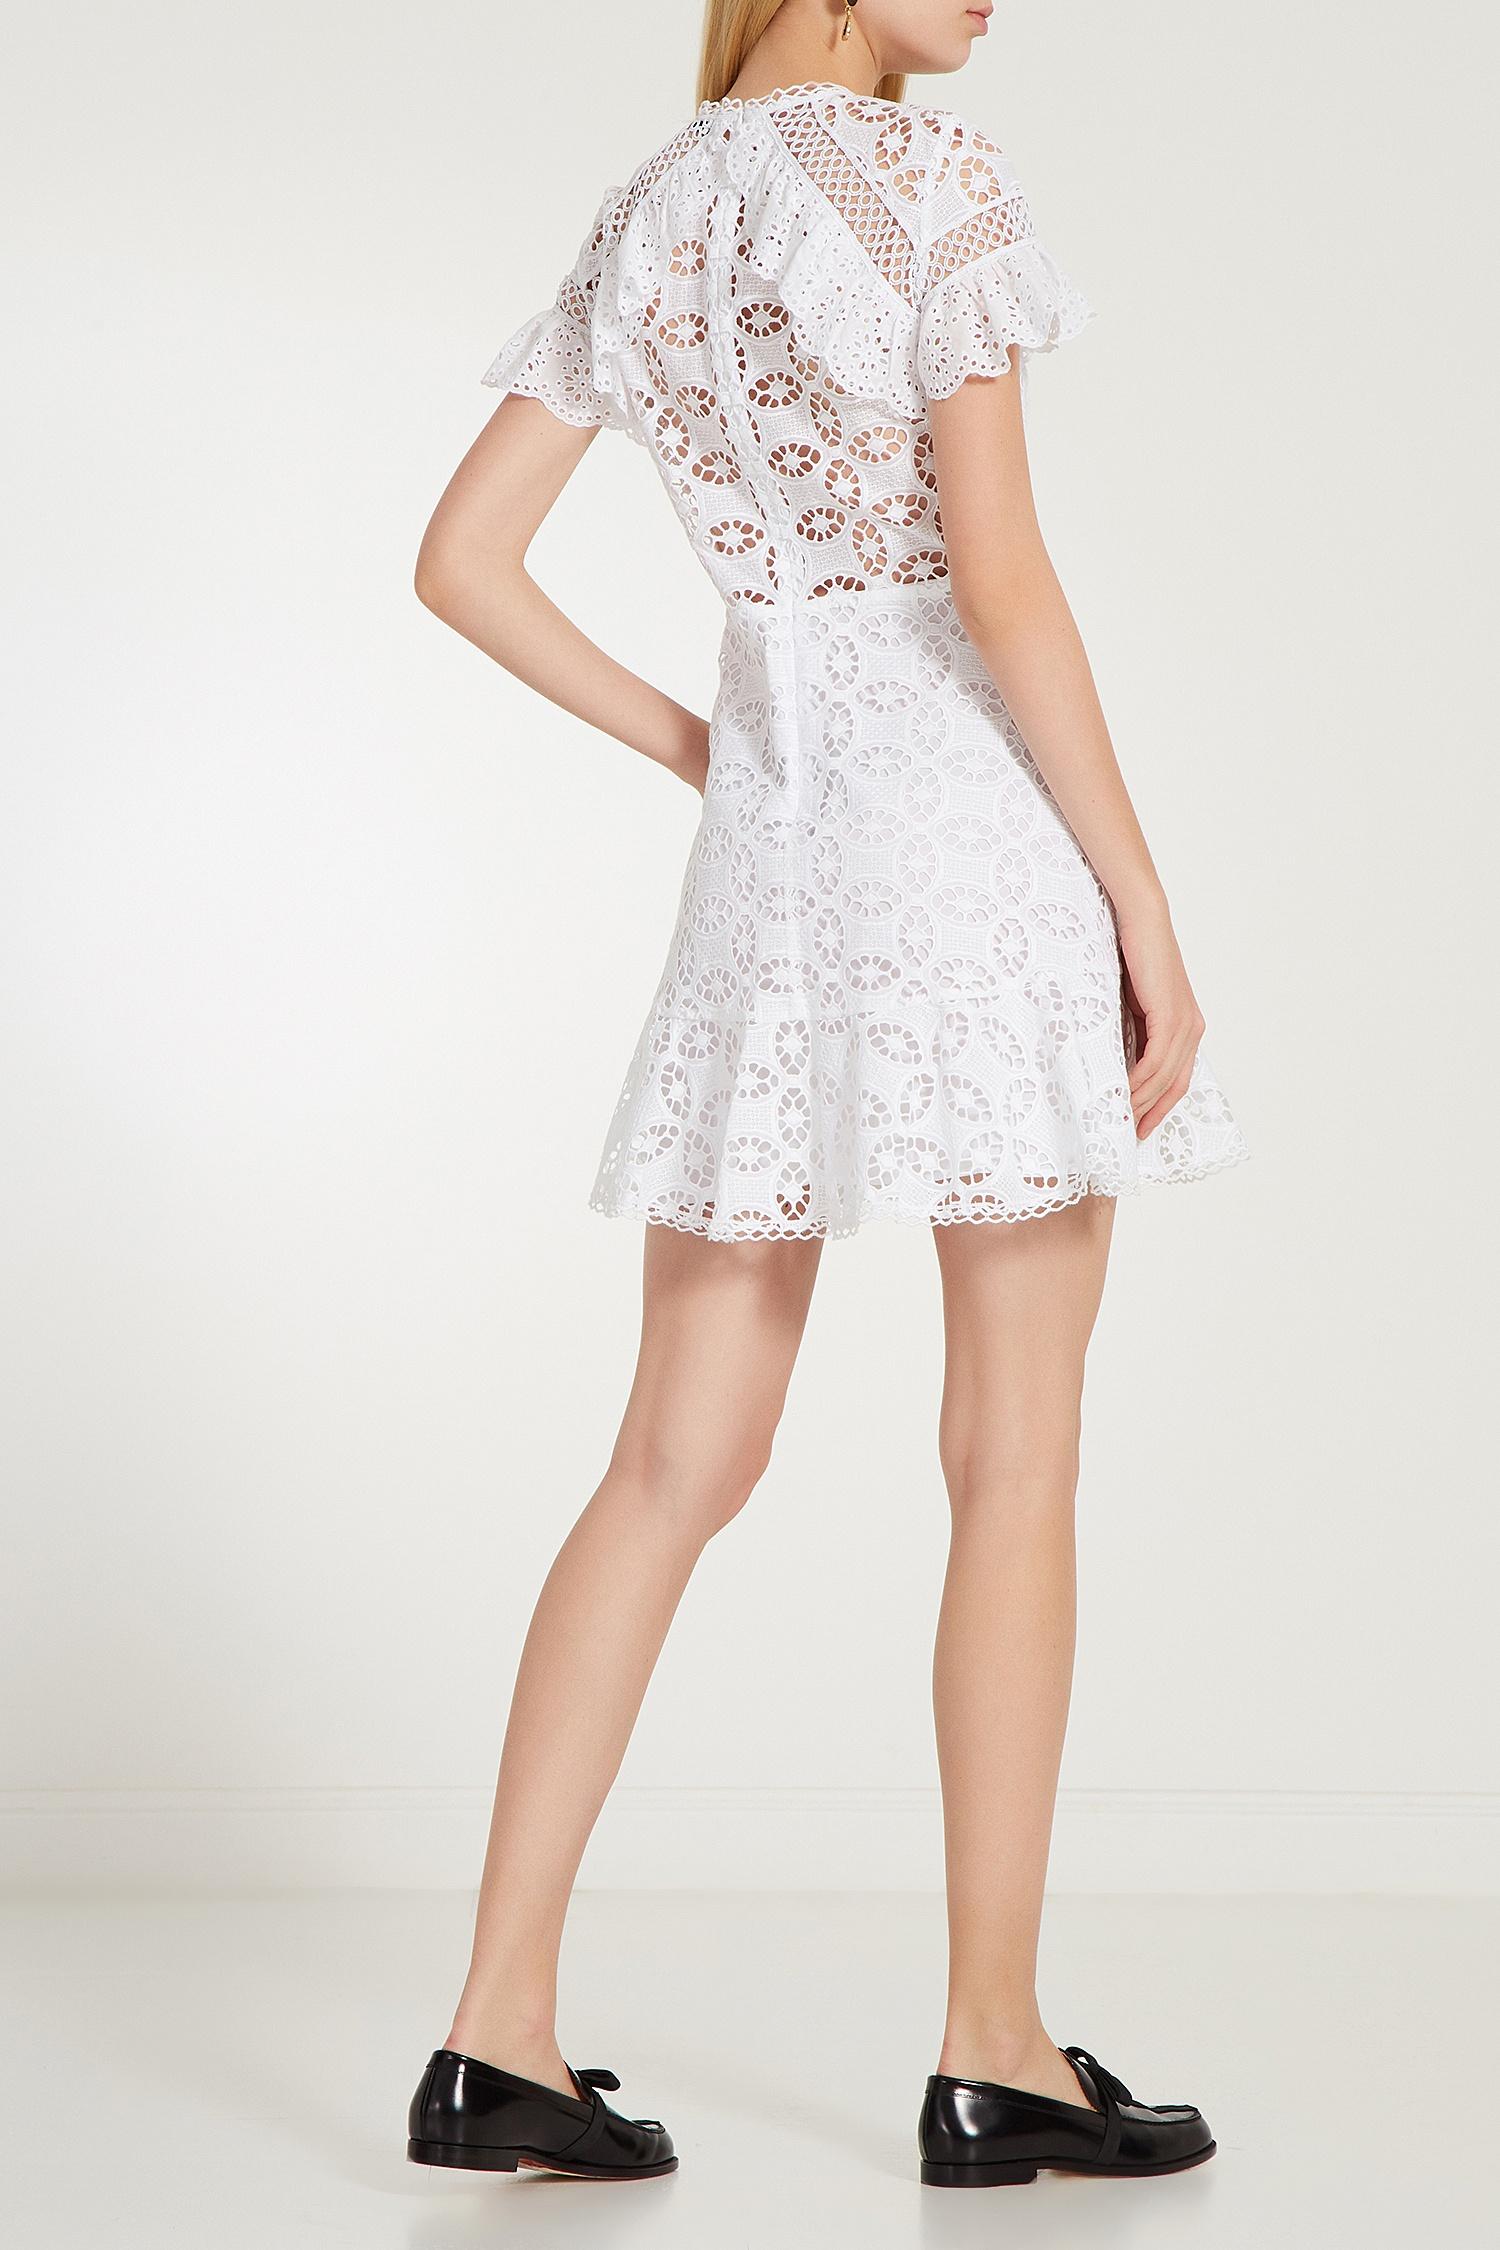 17134802e4b Белое платье мини с шитьем Corentin Sandro – купить в интернет ...